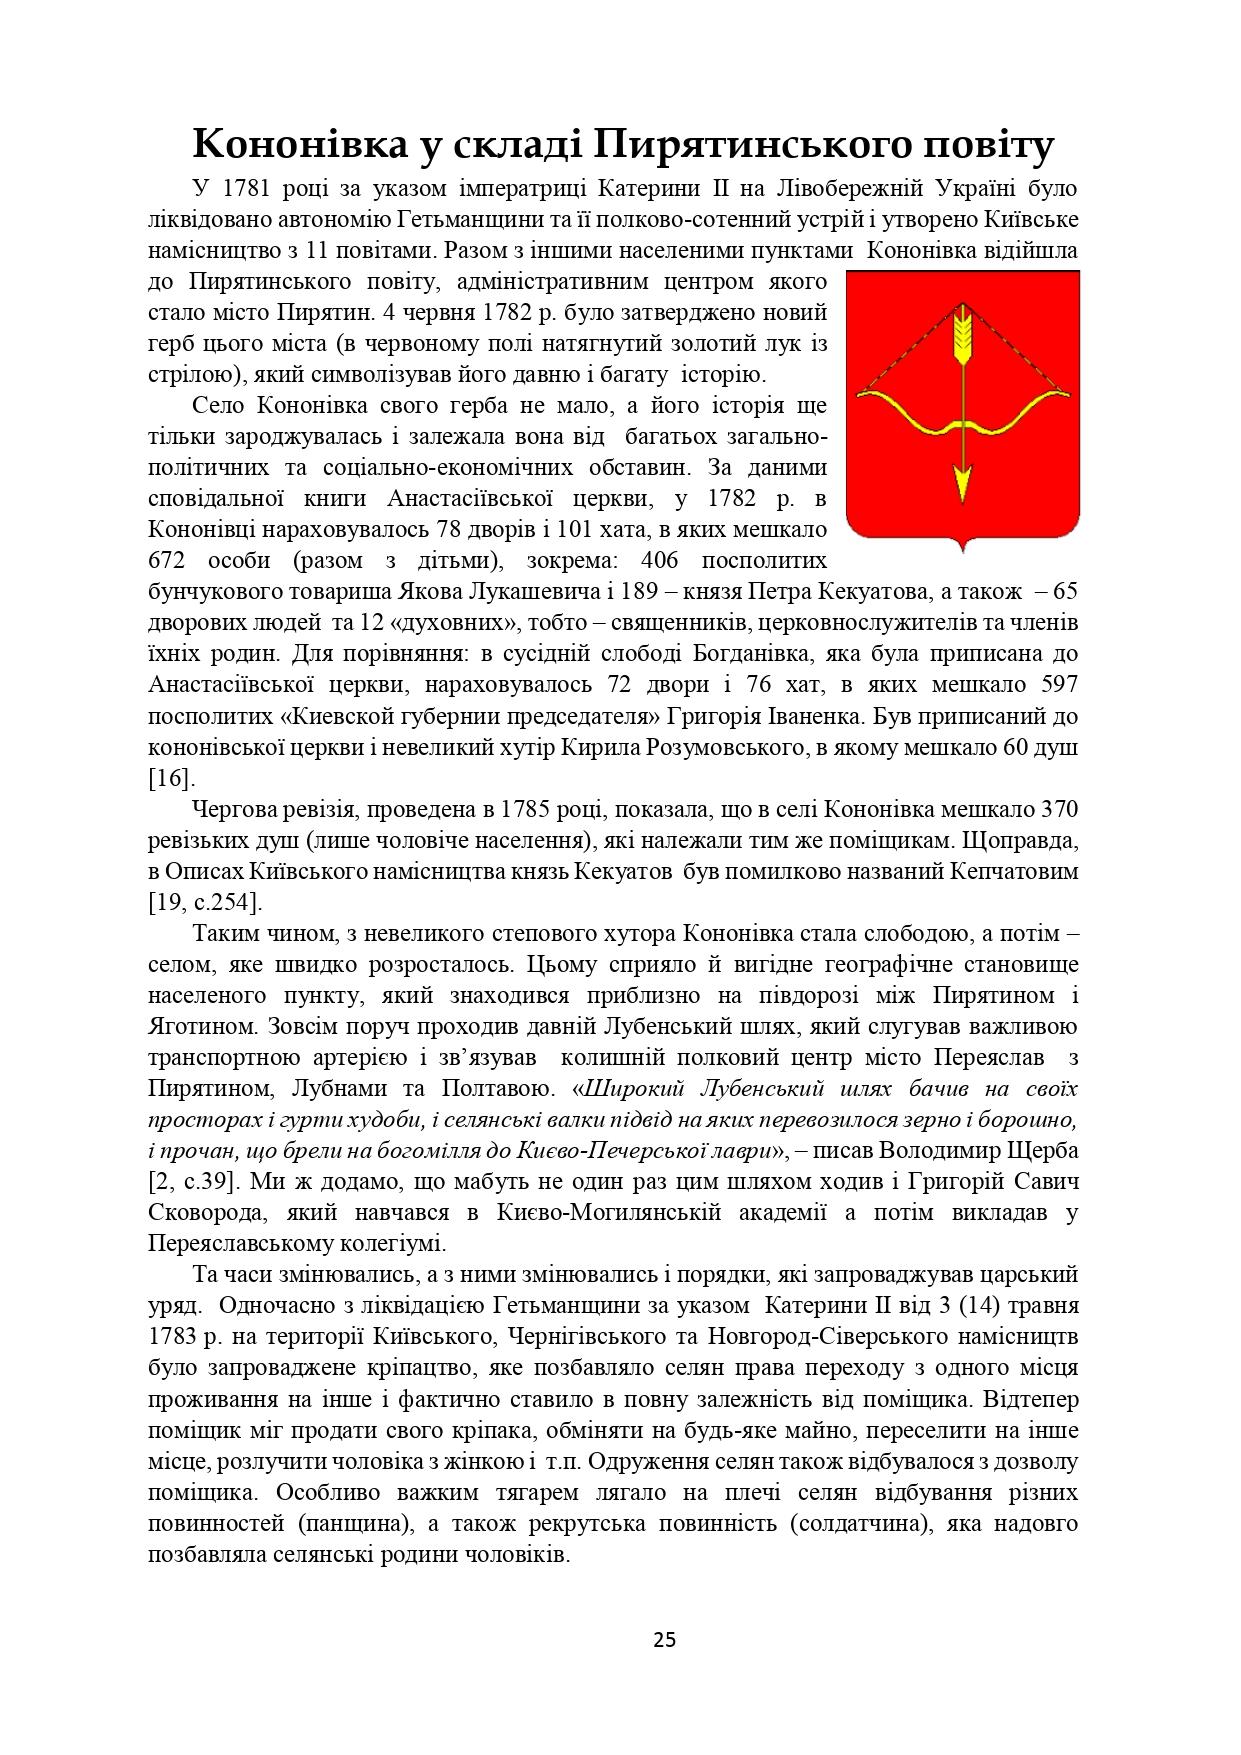 ІСТОРІЯ СЕЛА КОНОНІВКА 2021 (1)_page-0025